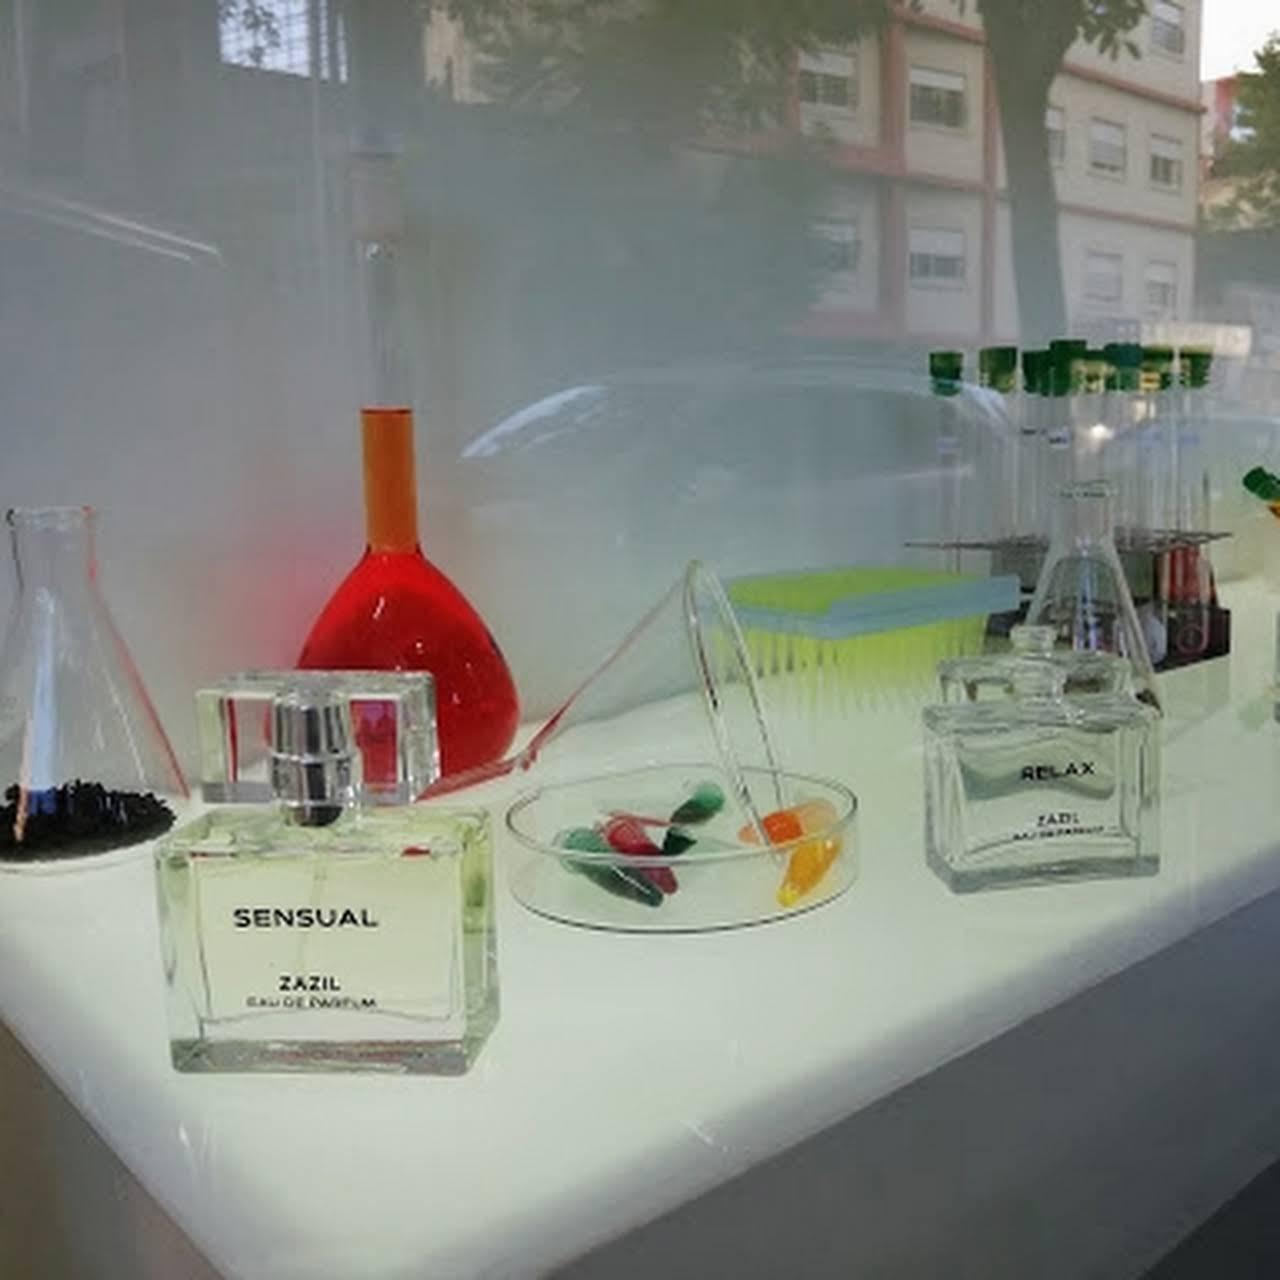 Los secretos detrás de los perfumes: cómo se fabrican y cómo estimulan el cerebro